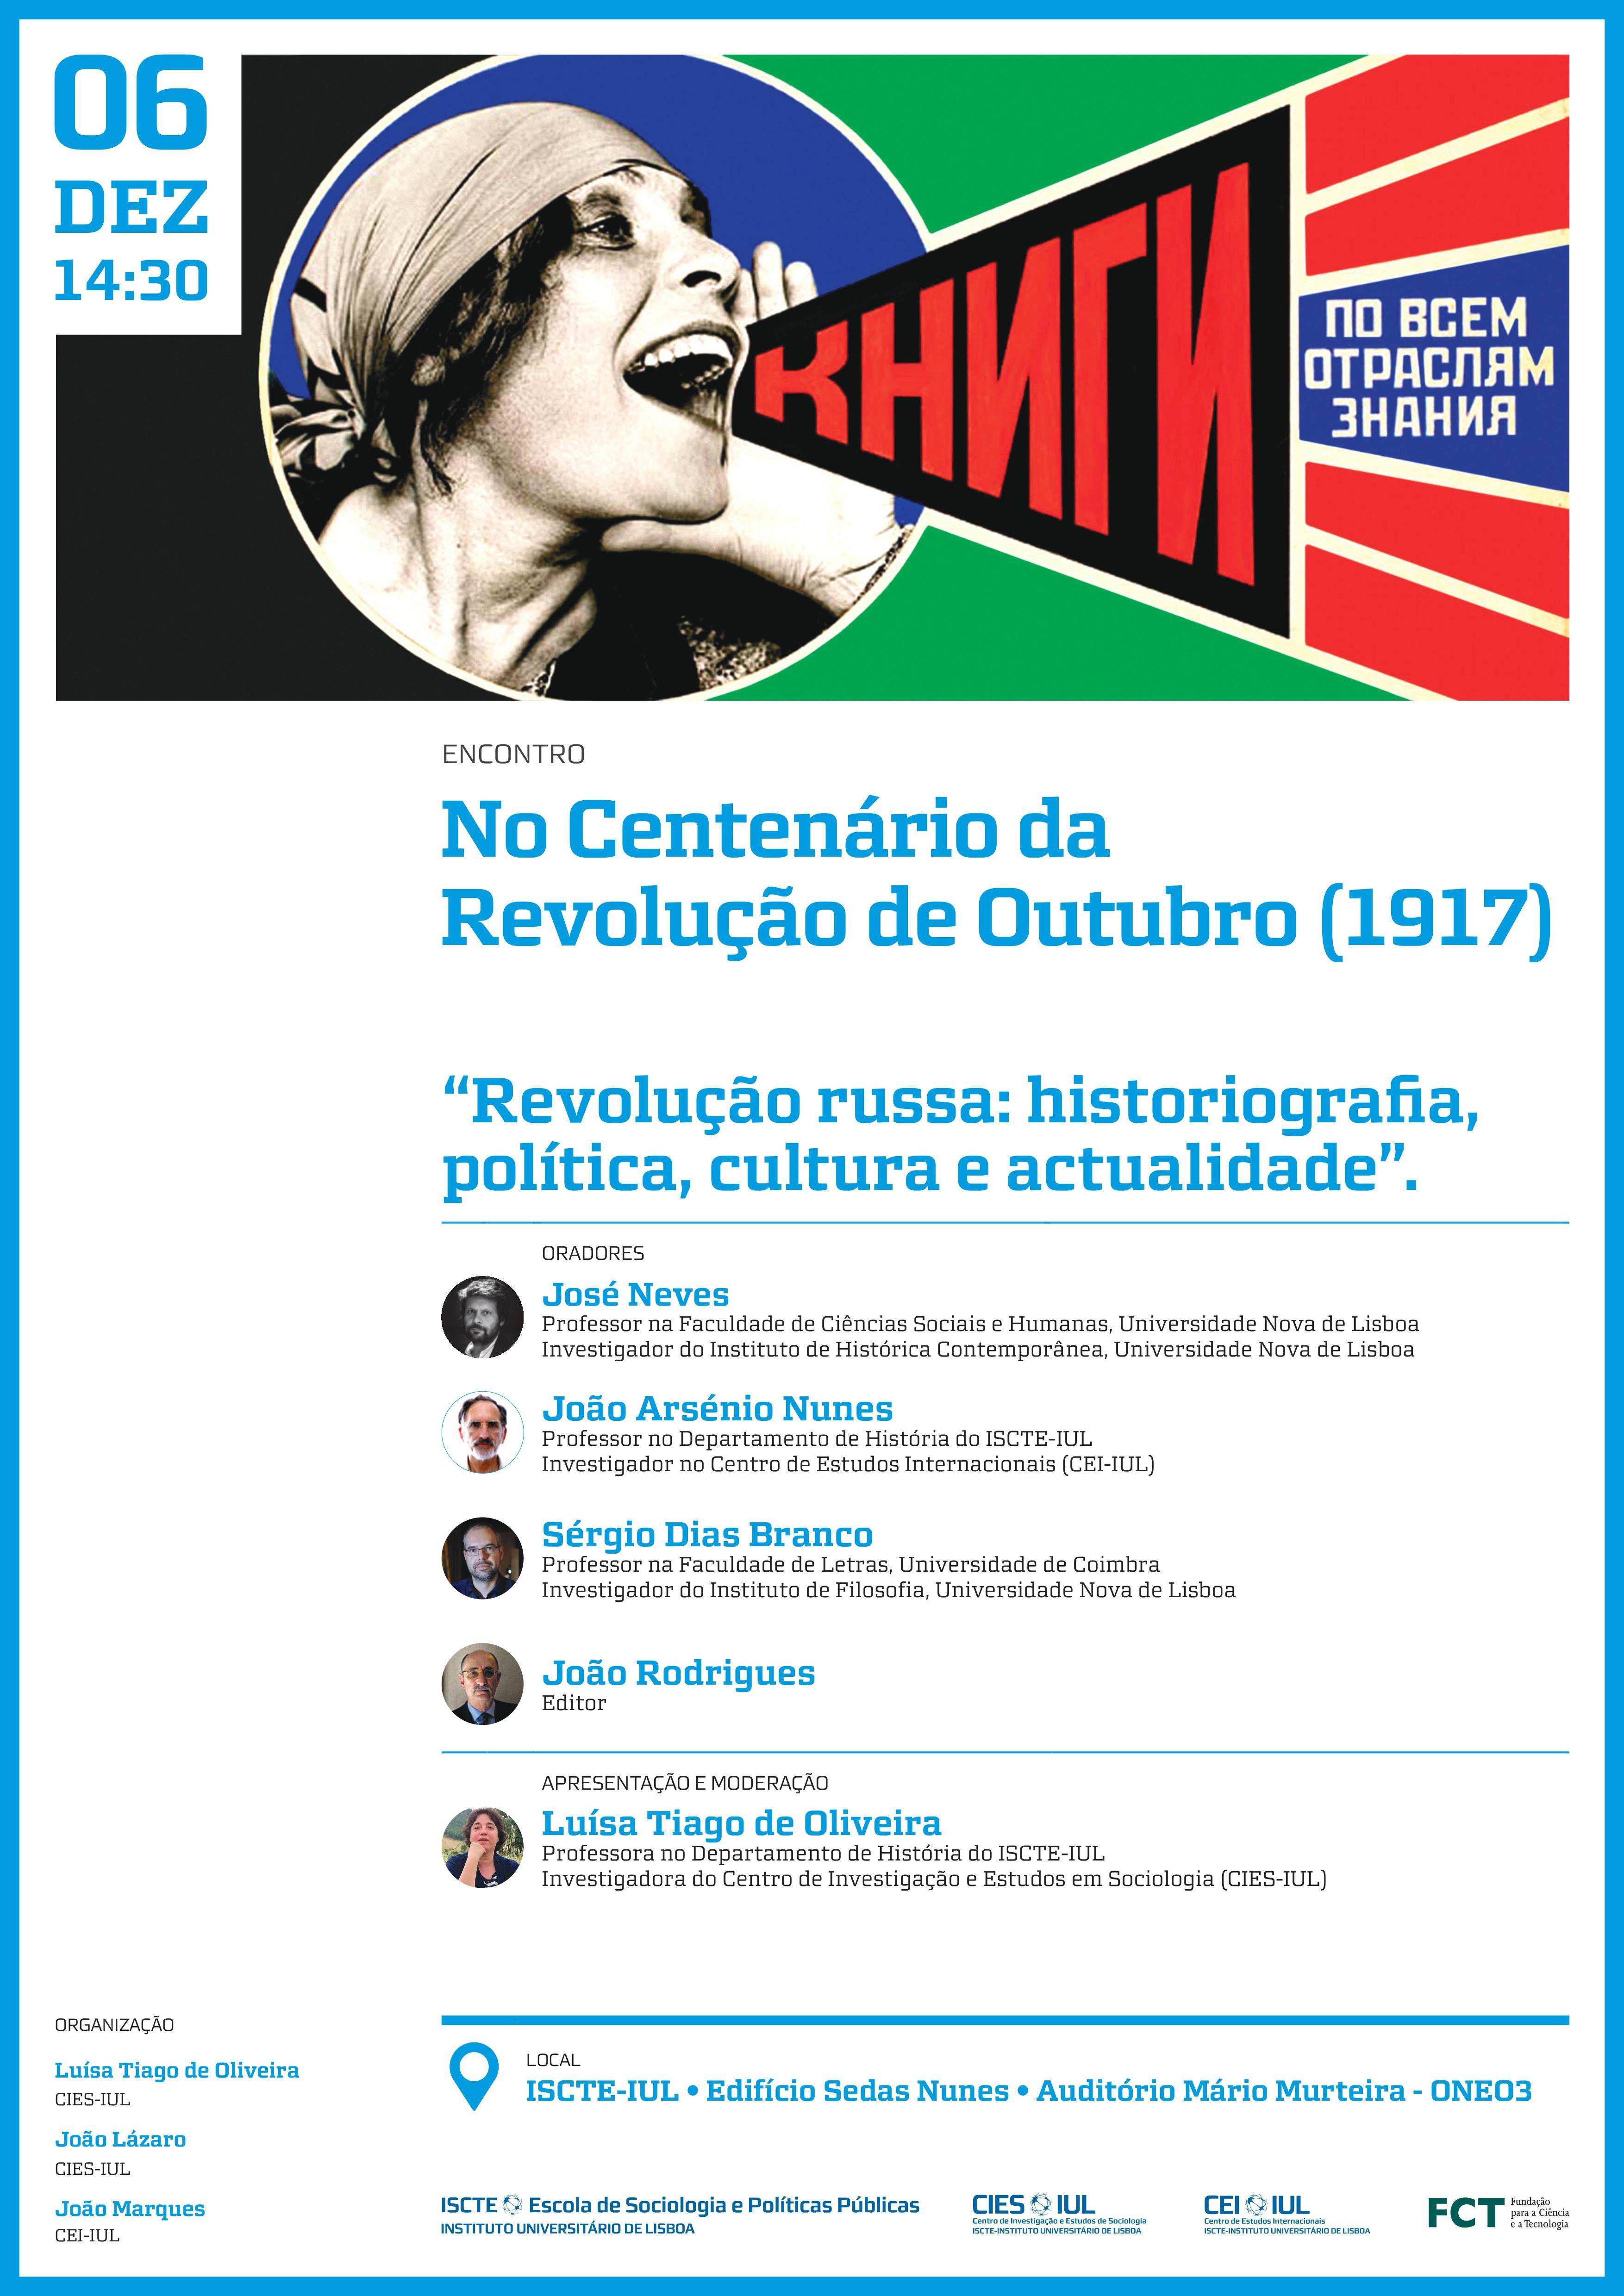 Revolução Russa: historiografia, política, cultura e actualidade